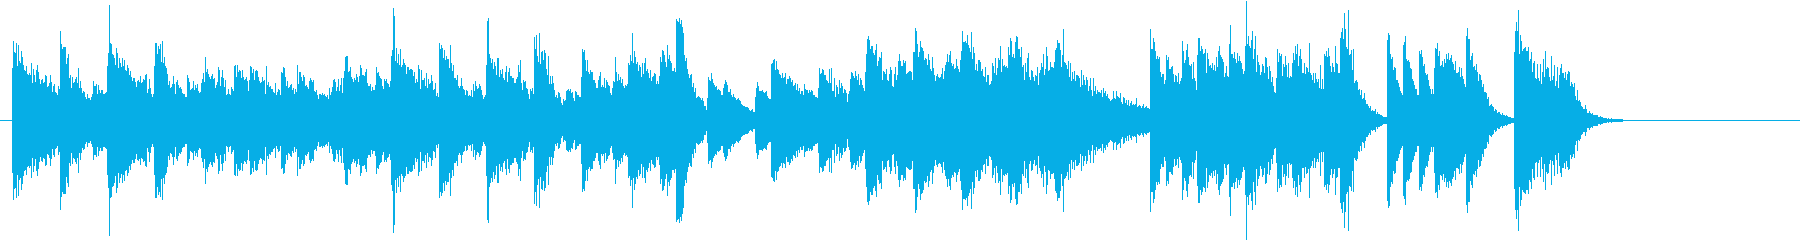 節分!鬼のパンツモチーフピアノジングルEの再生済みの波形